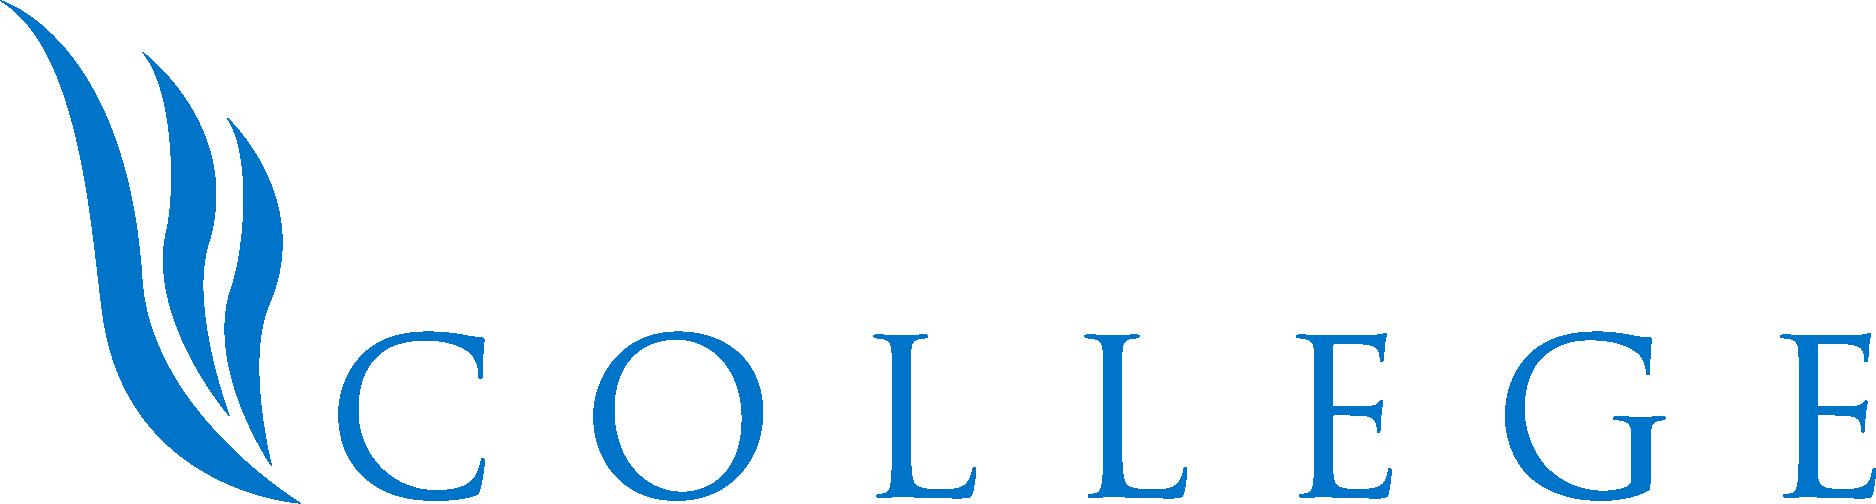 Wenatchee Valley College Logo.png